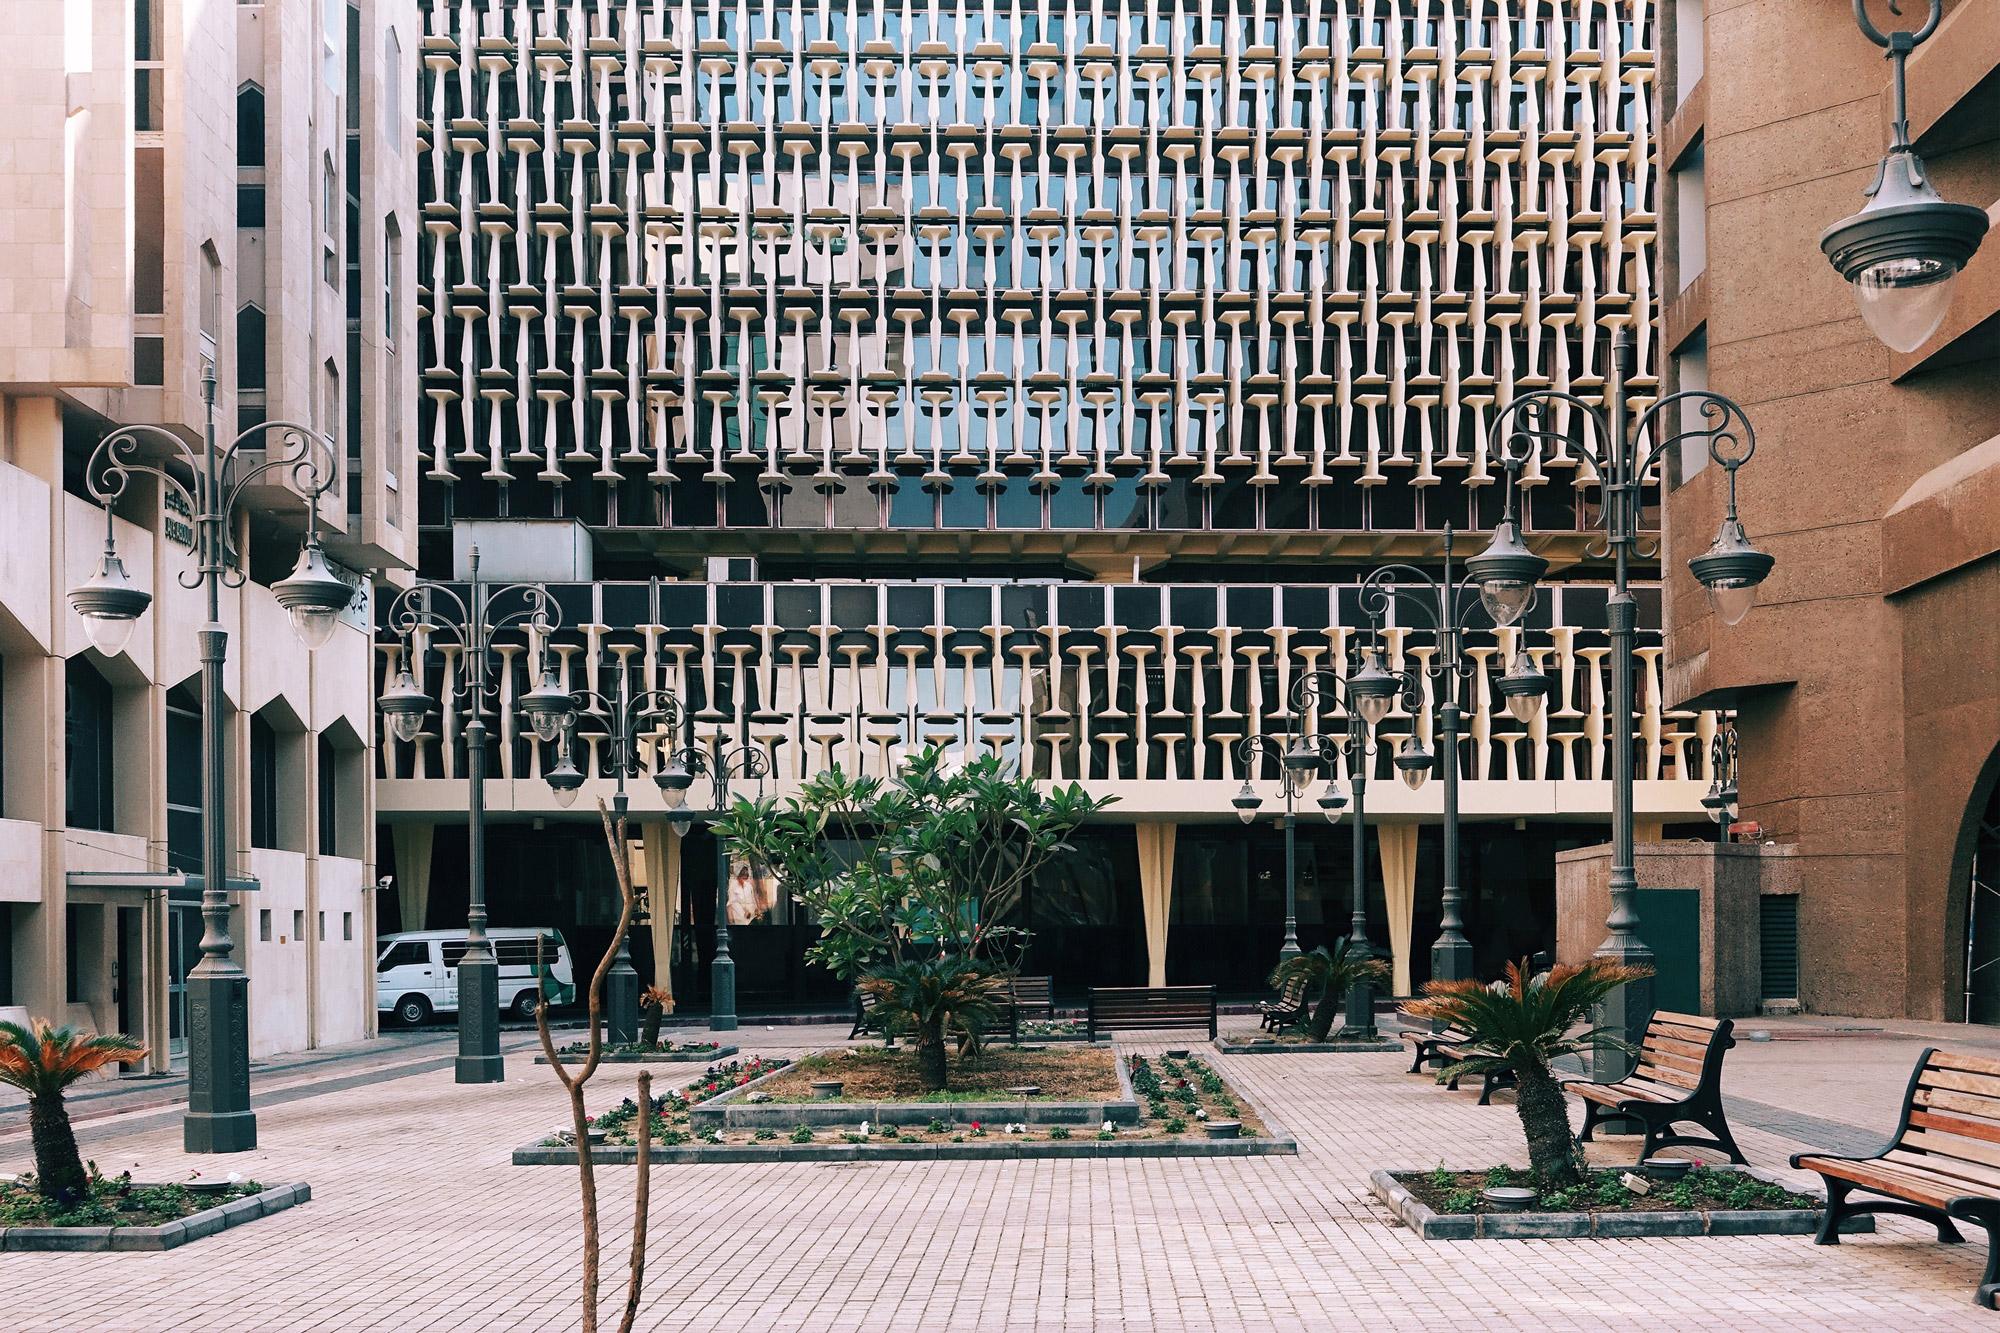 urbanbacklog-kuwait-gulf-bank-7.jpg